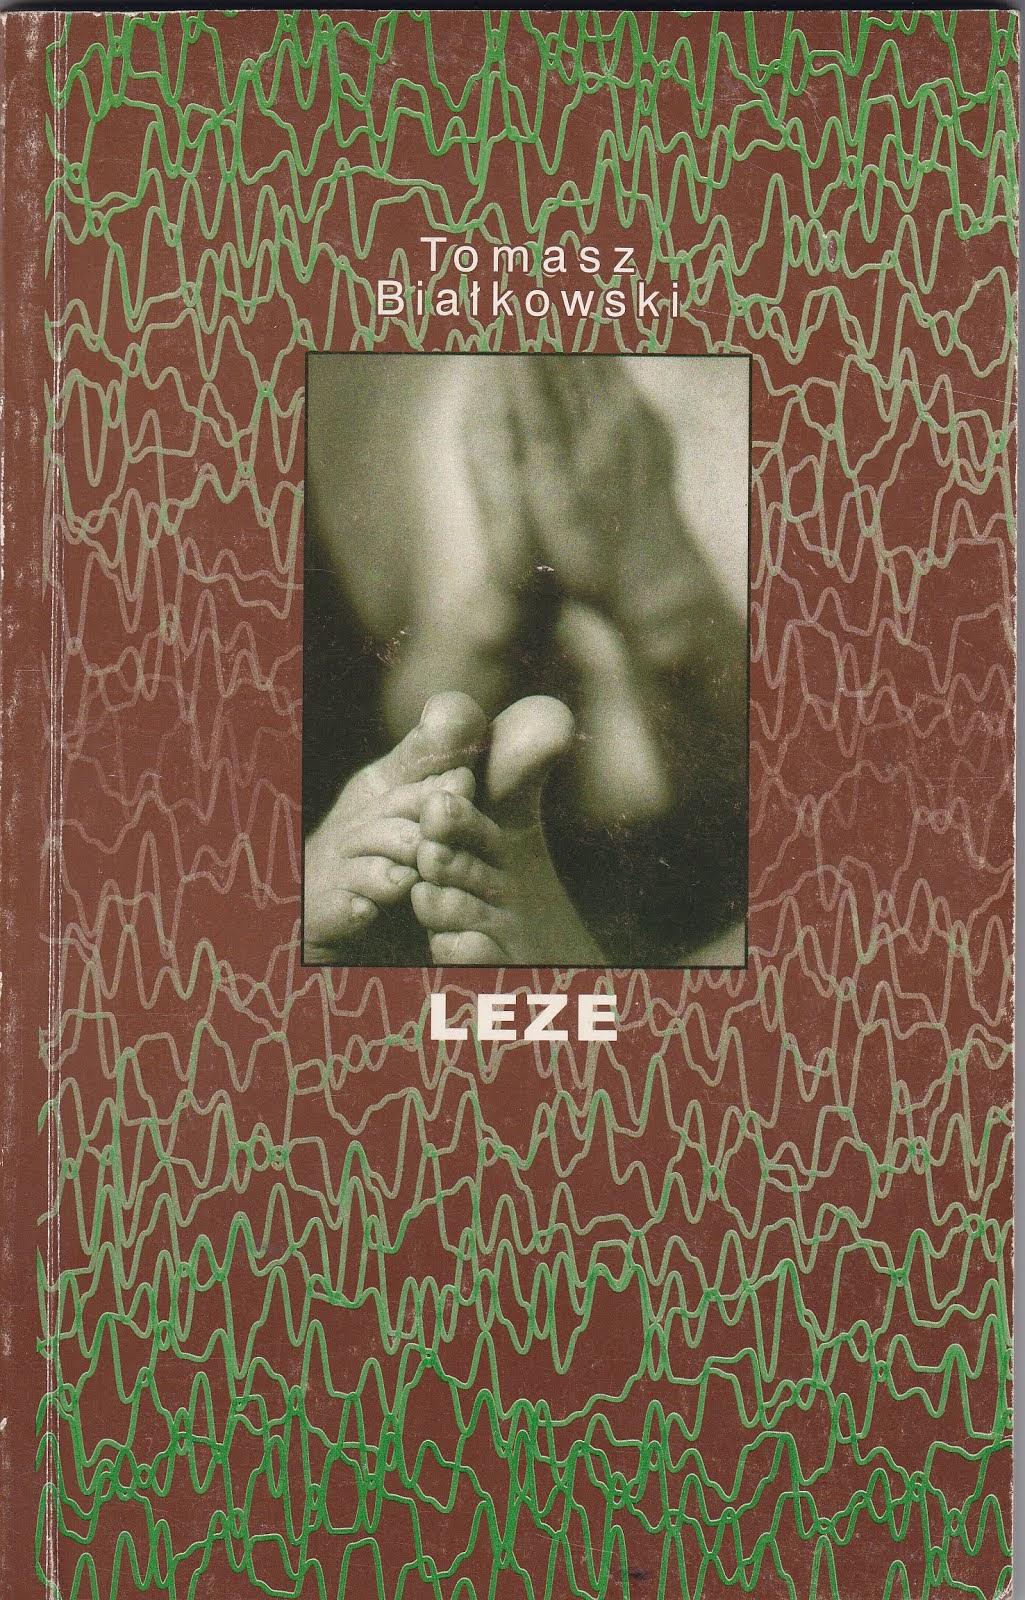 Leze (2002)